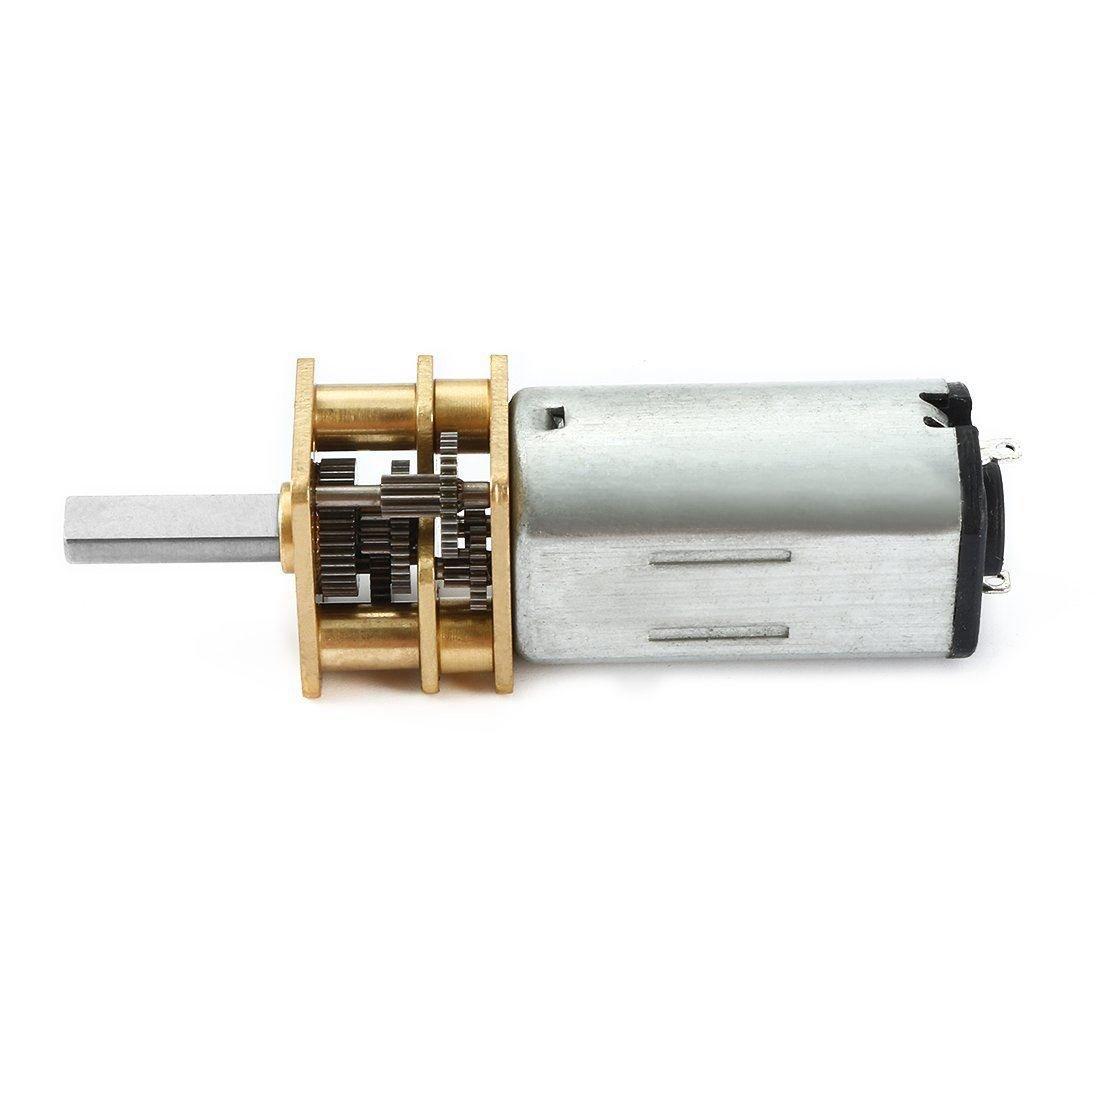 SODIAL CC 6V 15 tr//min Moteur de reduction de micro-vitesse Mini moteur de boite dengrenage avec 2 broches pour bricolage Jouet de moteur de modele de voiture de robot a telecommande